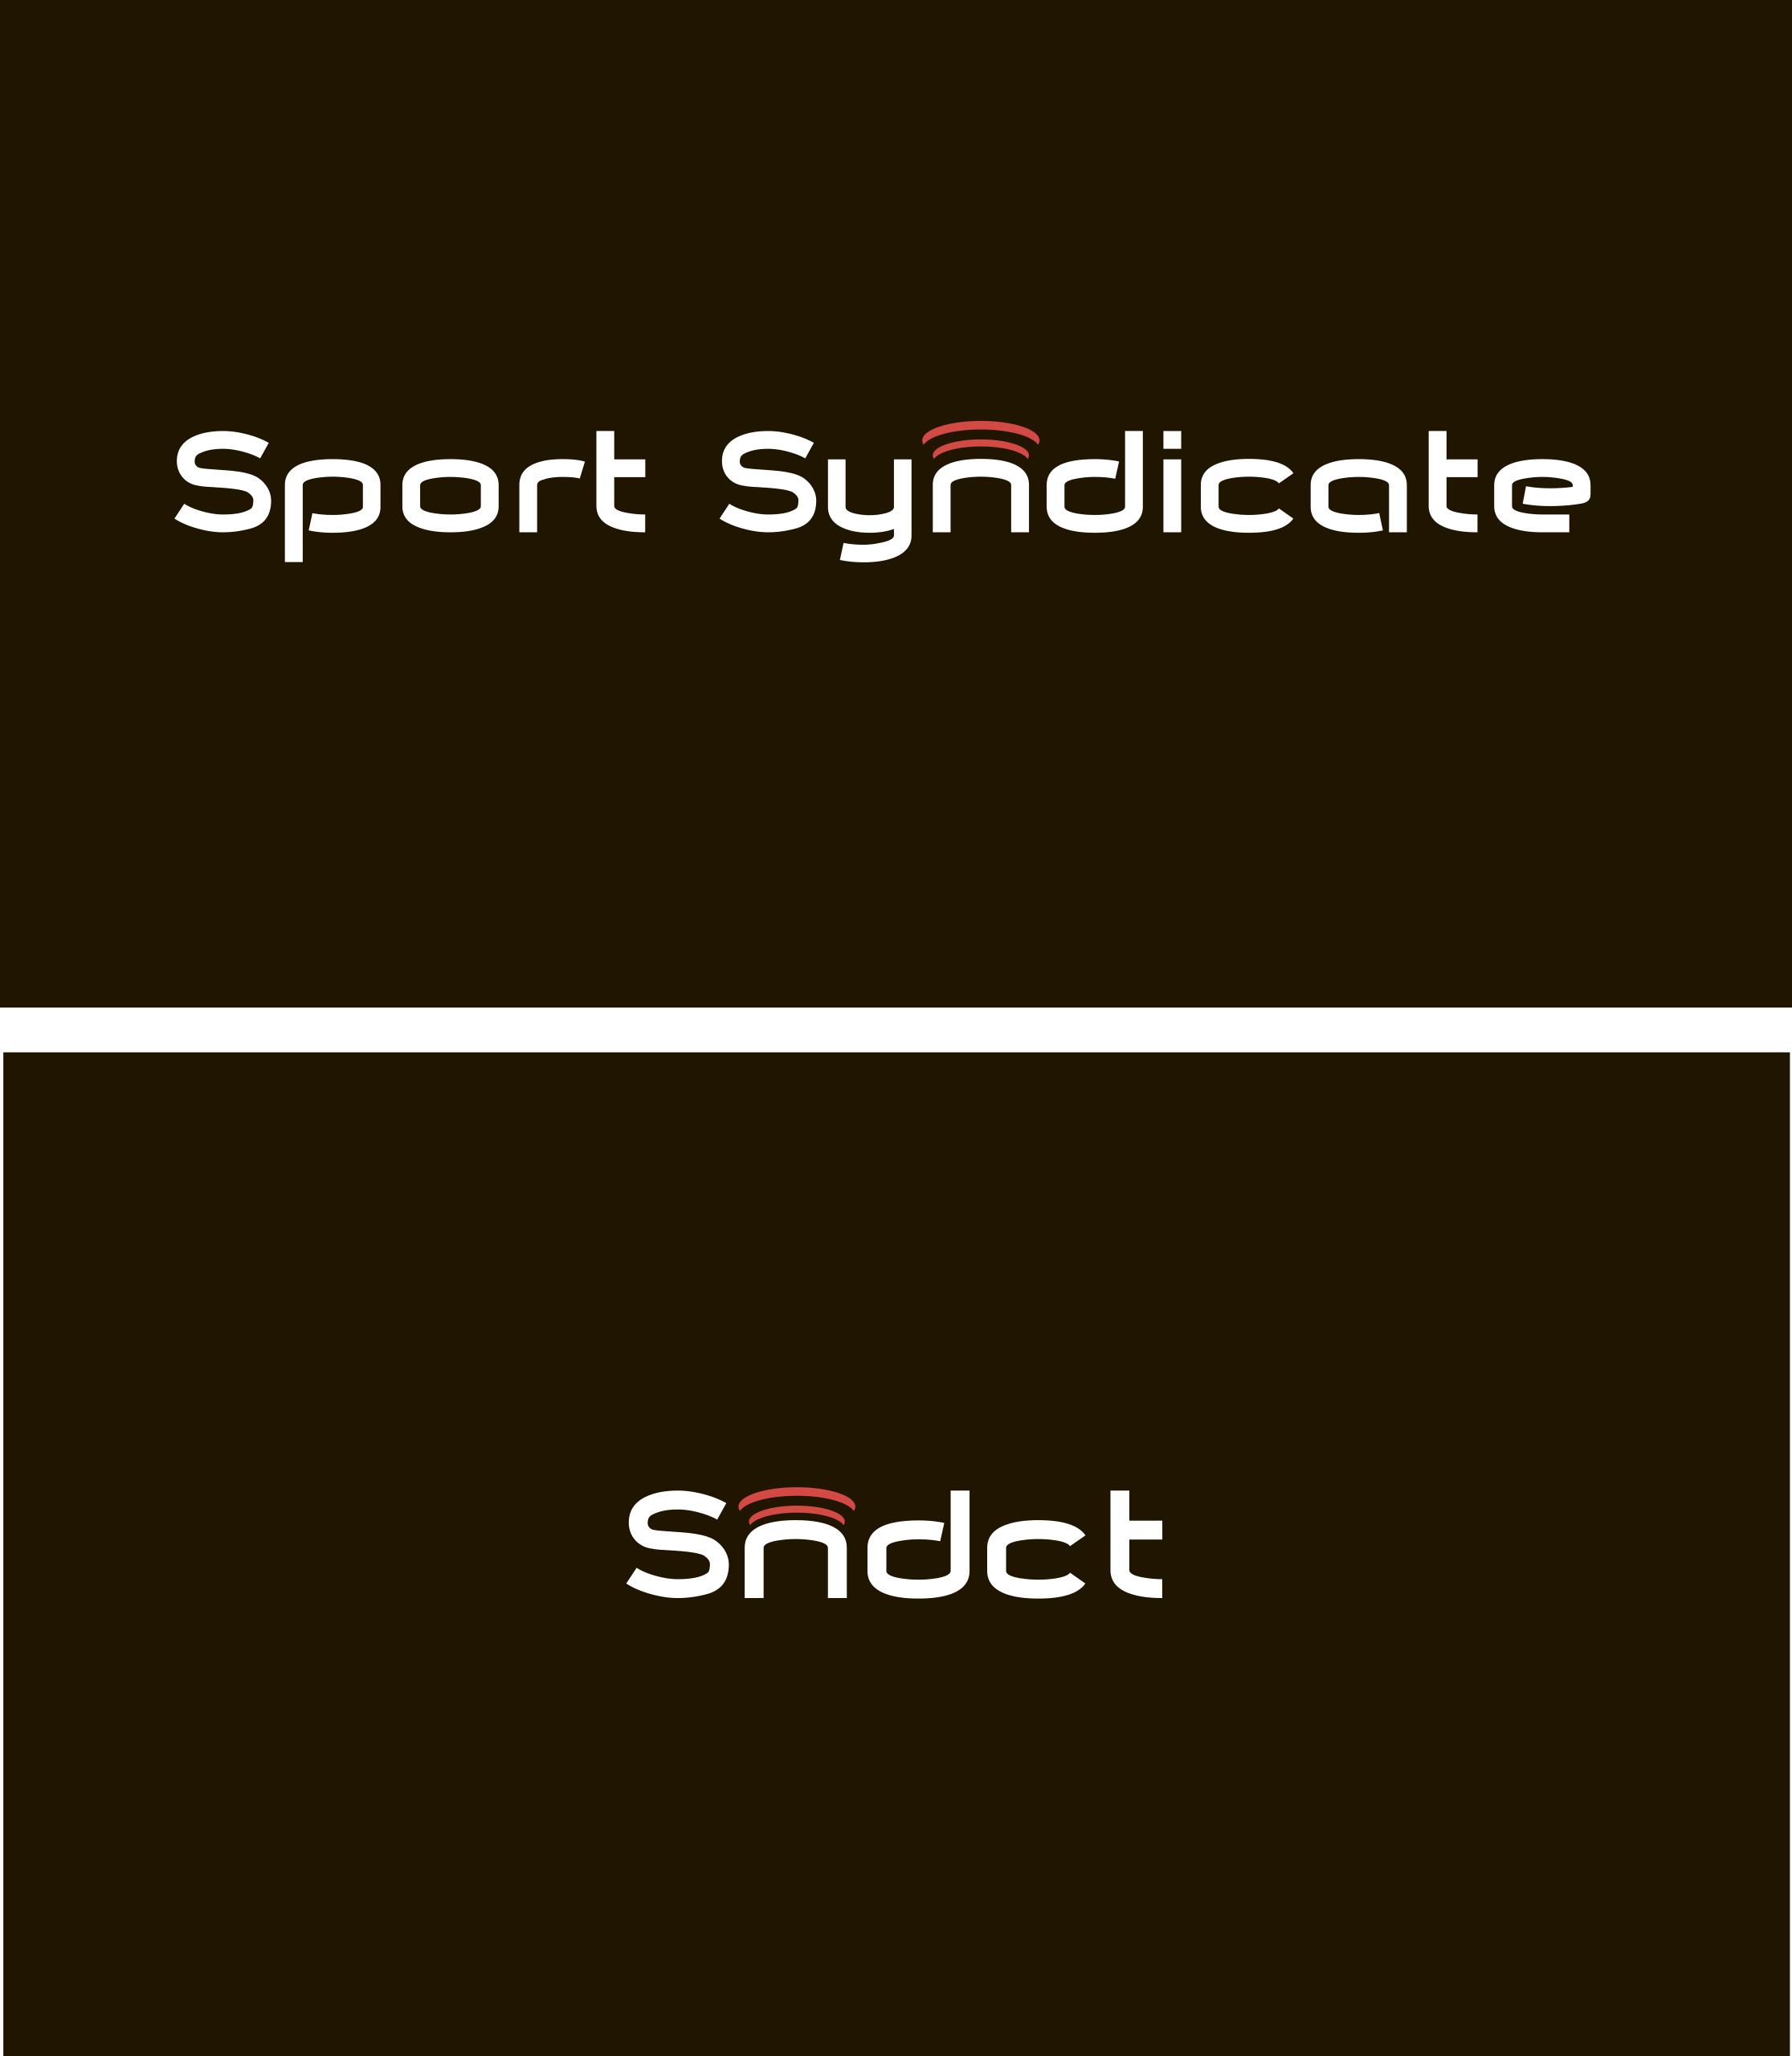 Создать логотип для сети магазинов спортивного питания фото f_83359707f8adaac0.png